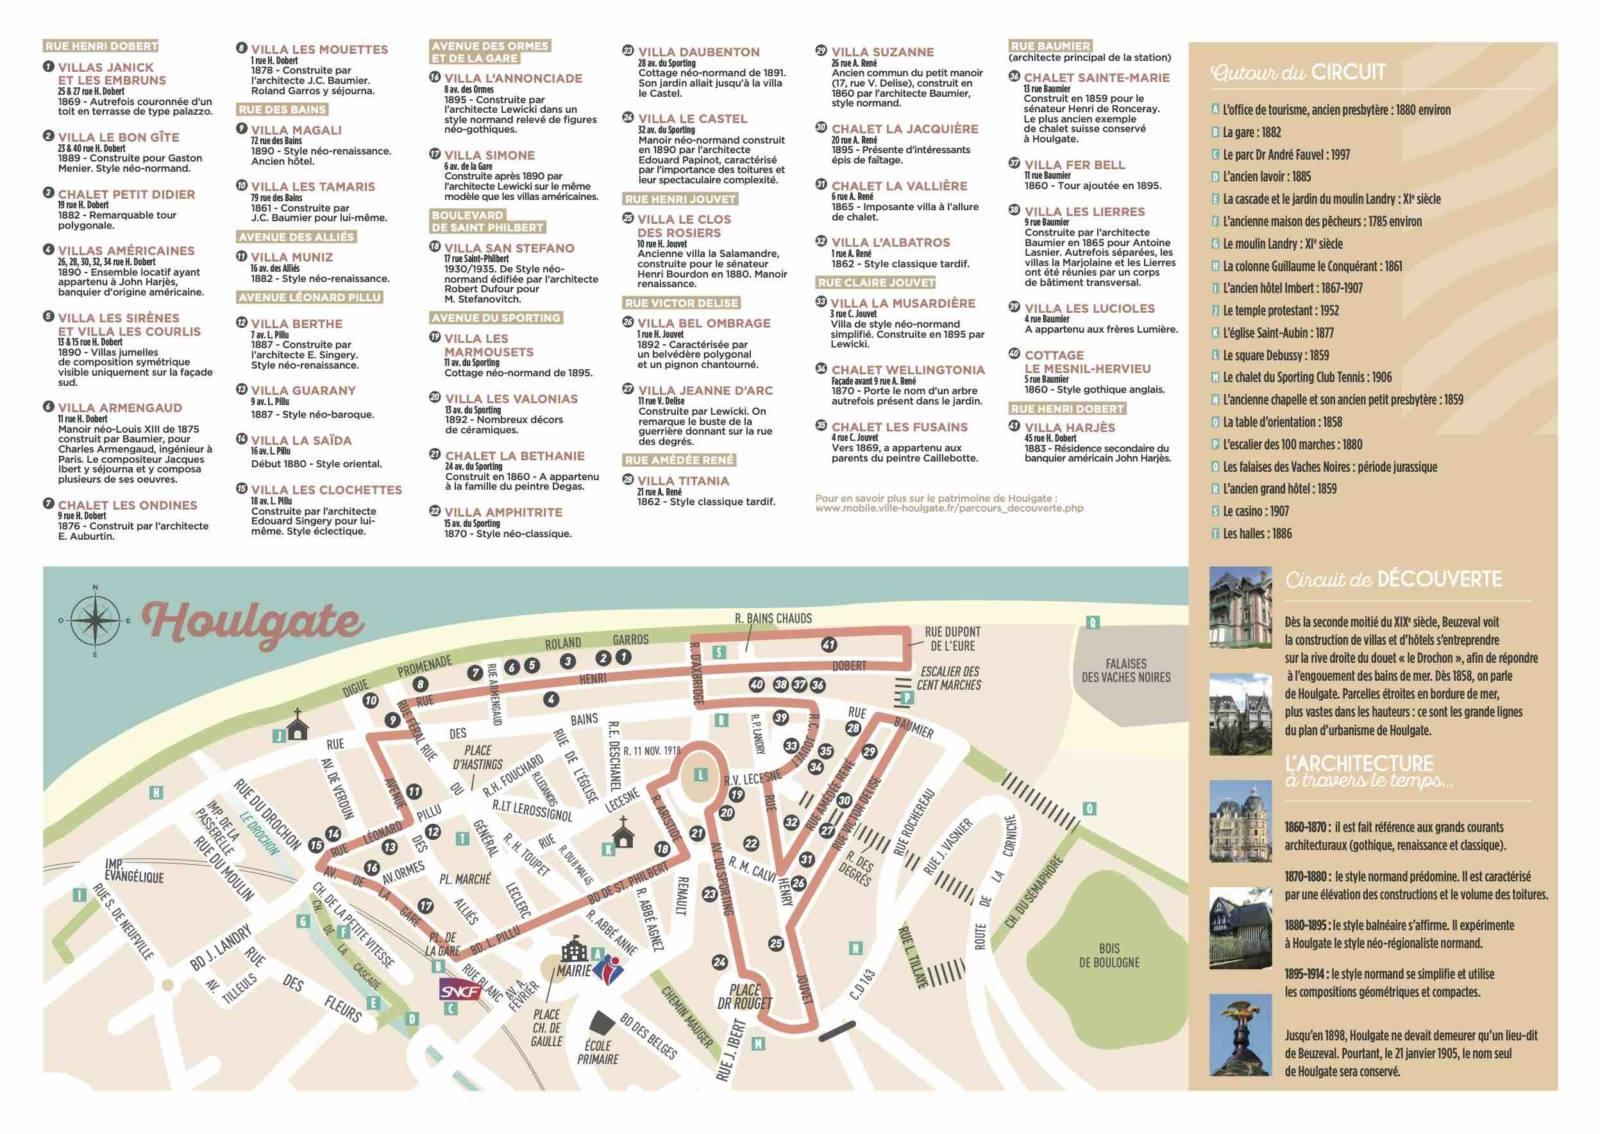 Circuit des villas d'Houlgate office de tourisme